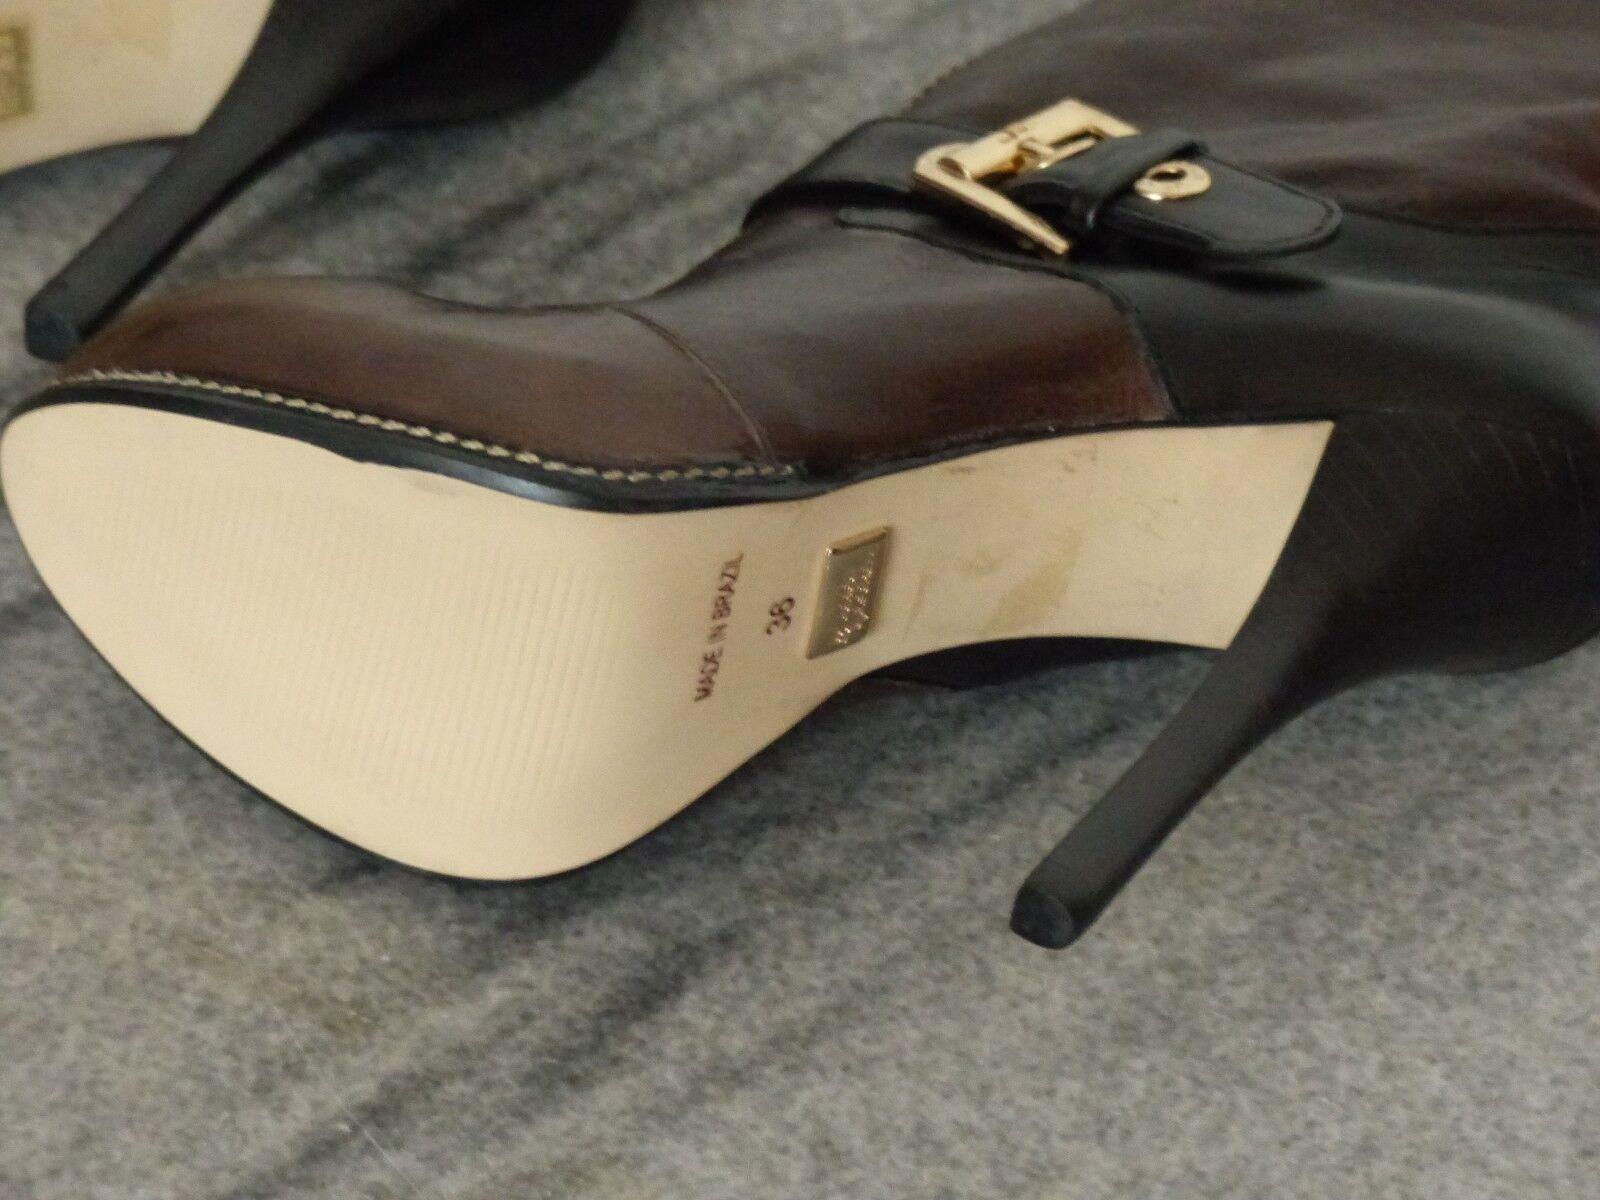 JORGE BISCHOFF BISCHOFF BISCHOFF HIGH HEELS Stiefel Größe 36 - Echtes Leder 4525e0